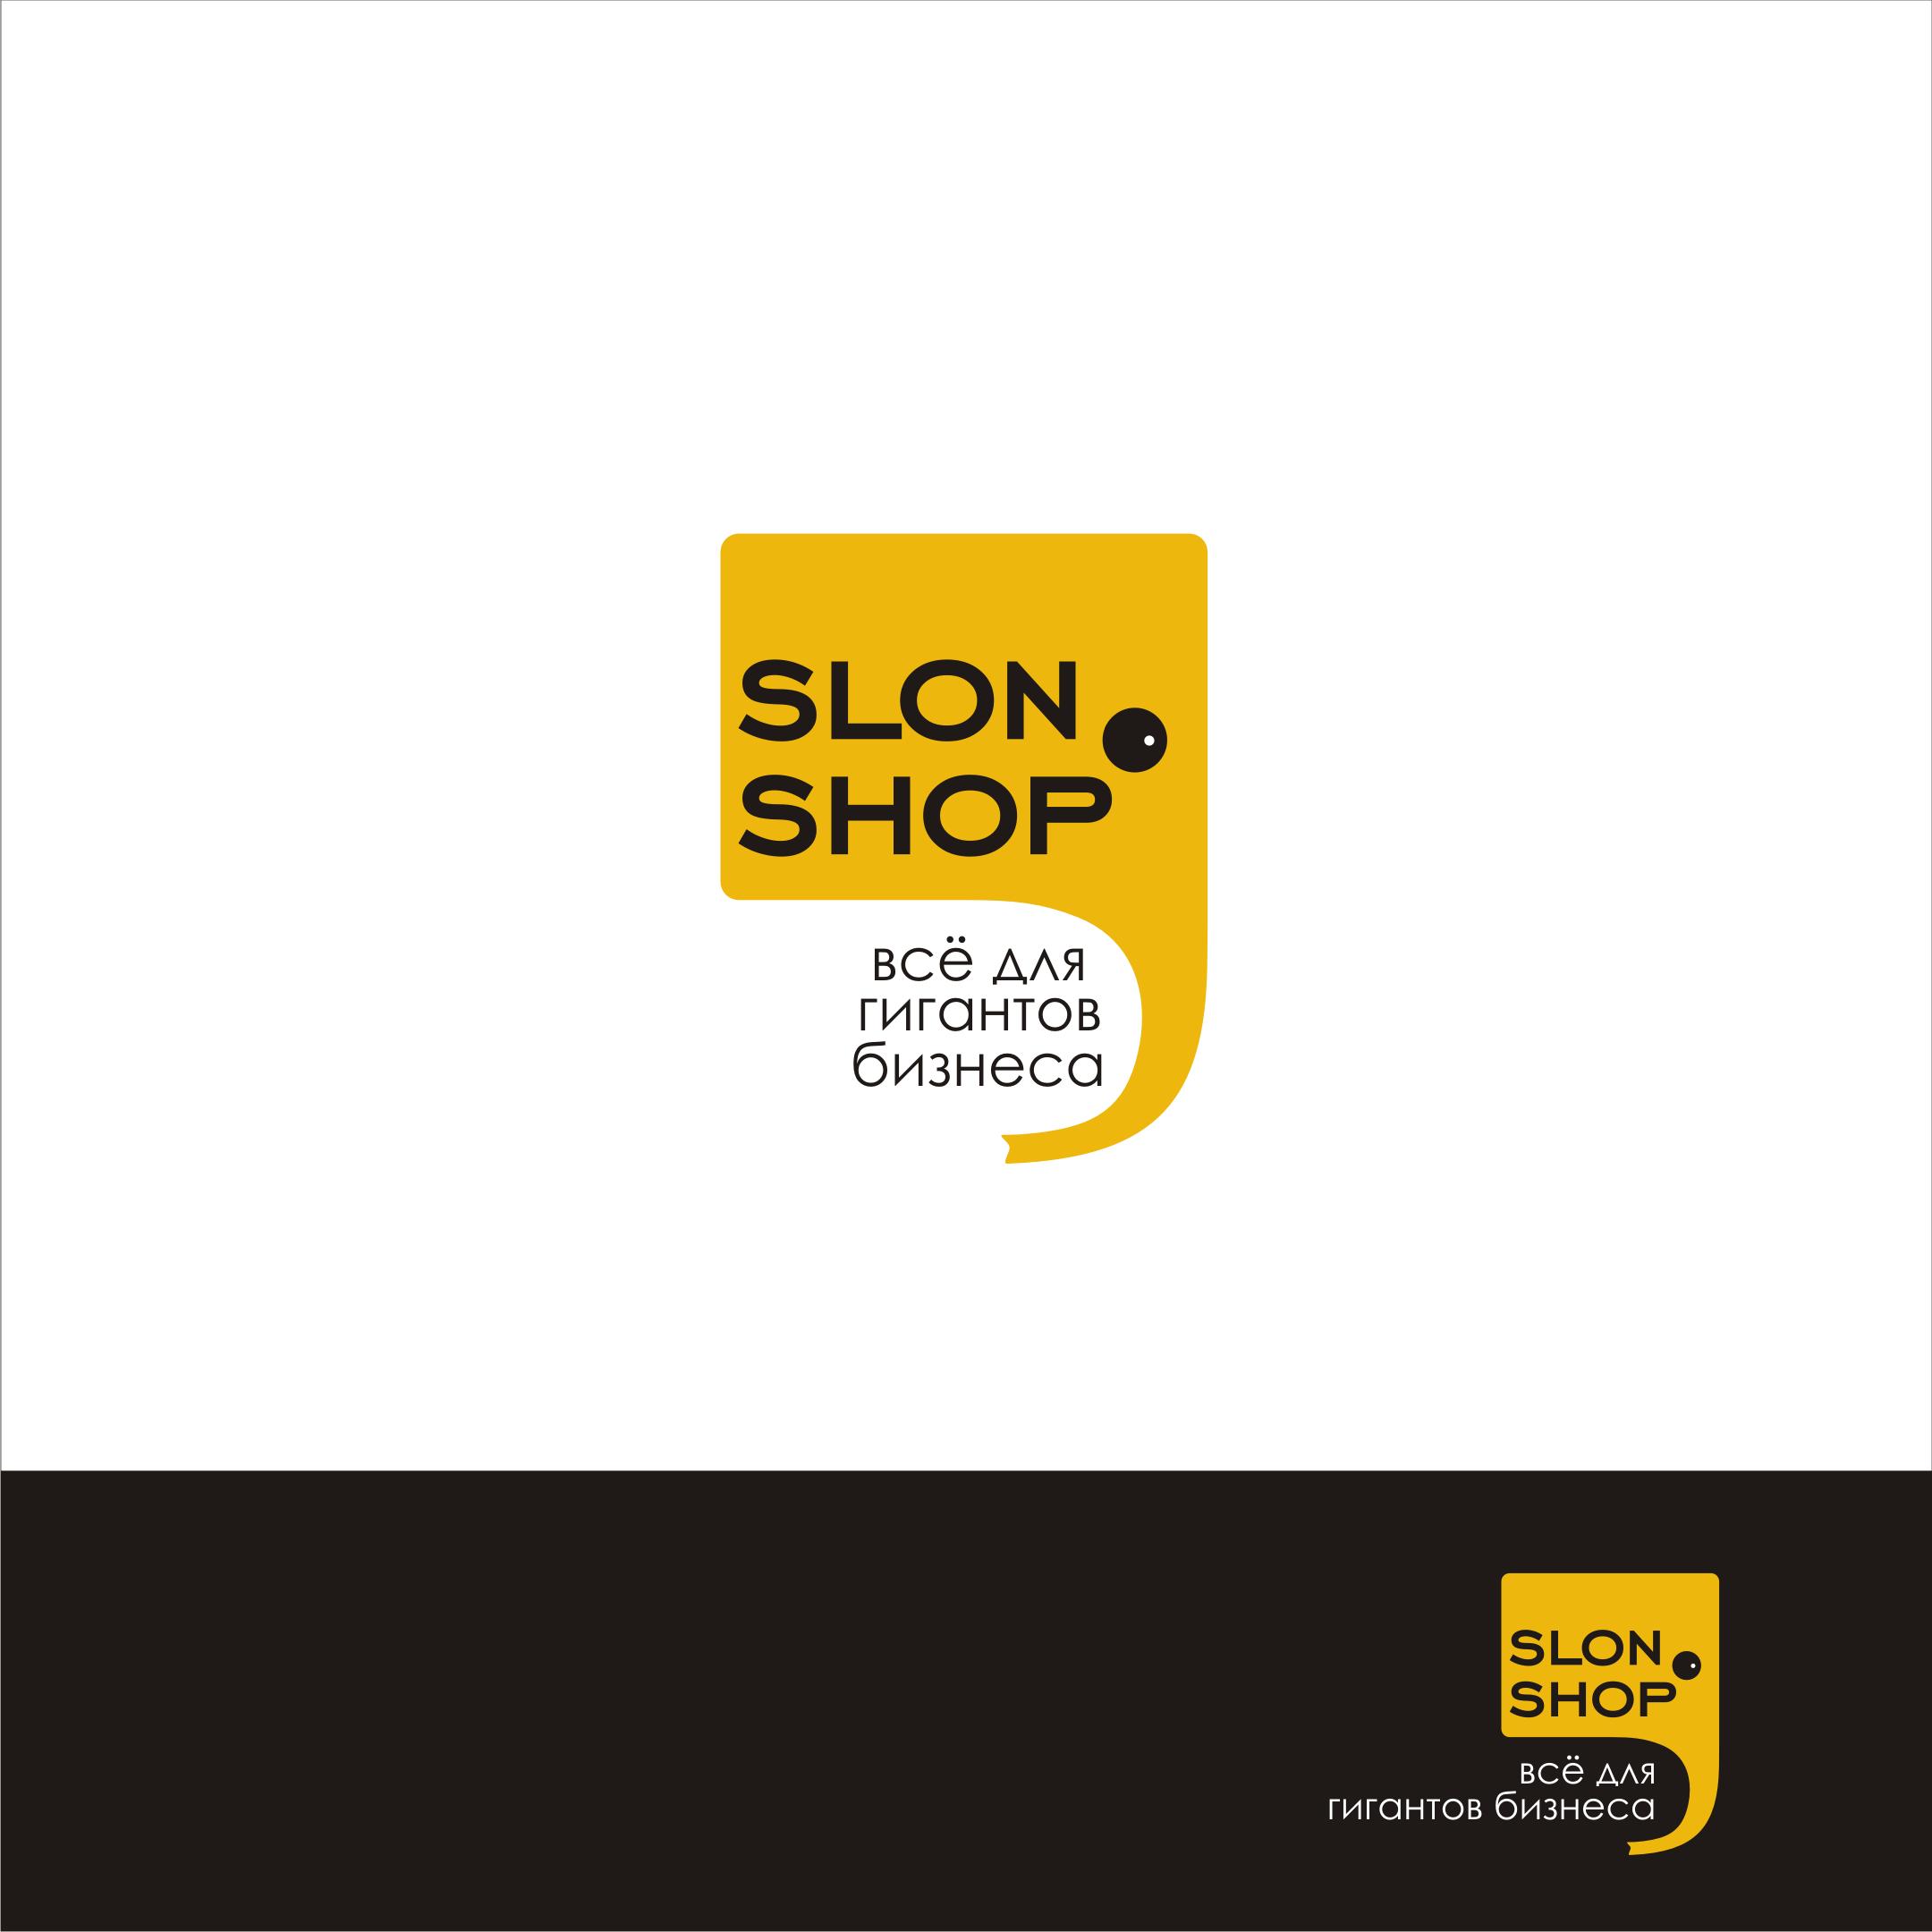 Разработать логотип и фирменный стиль интернет-магазина  фото f_552598c09a3ca06e.png